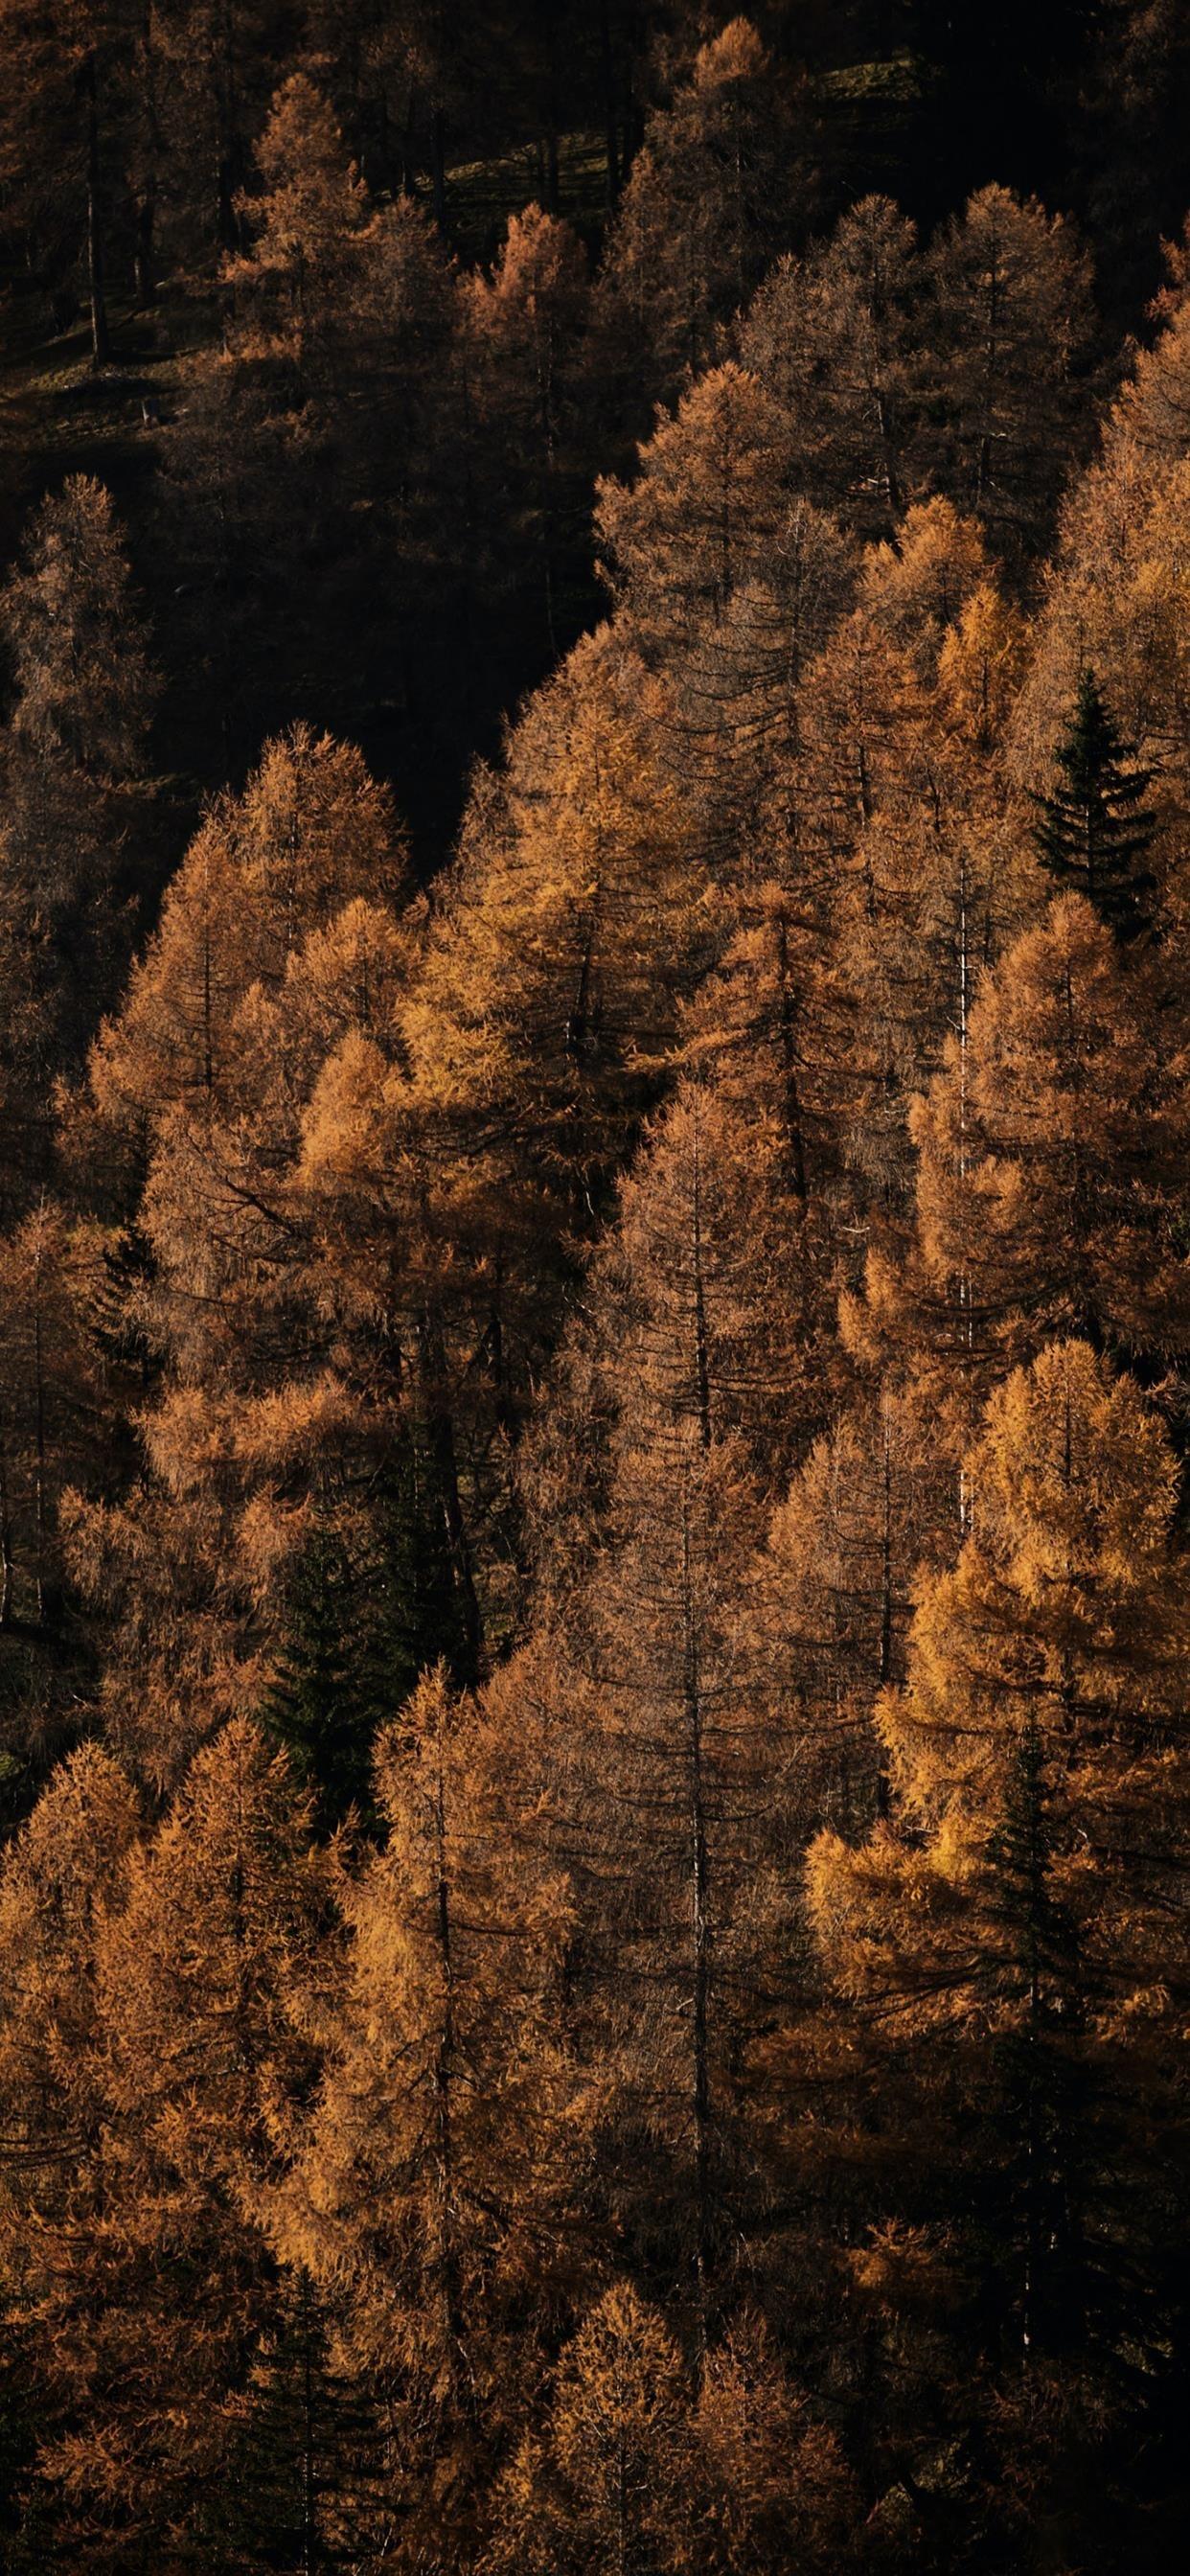 秋意盎然风景图片手机壁纸